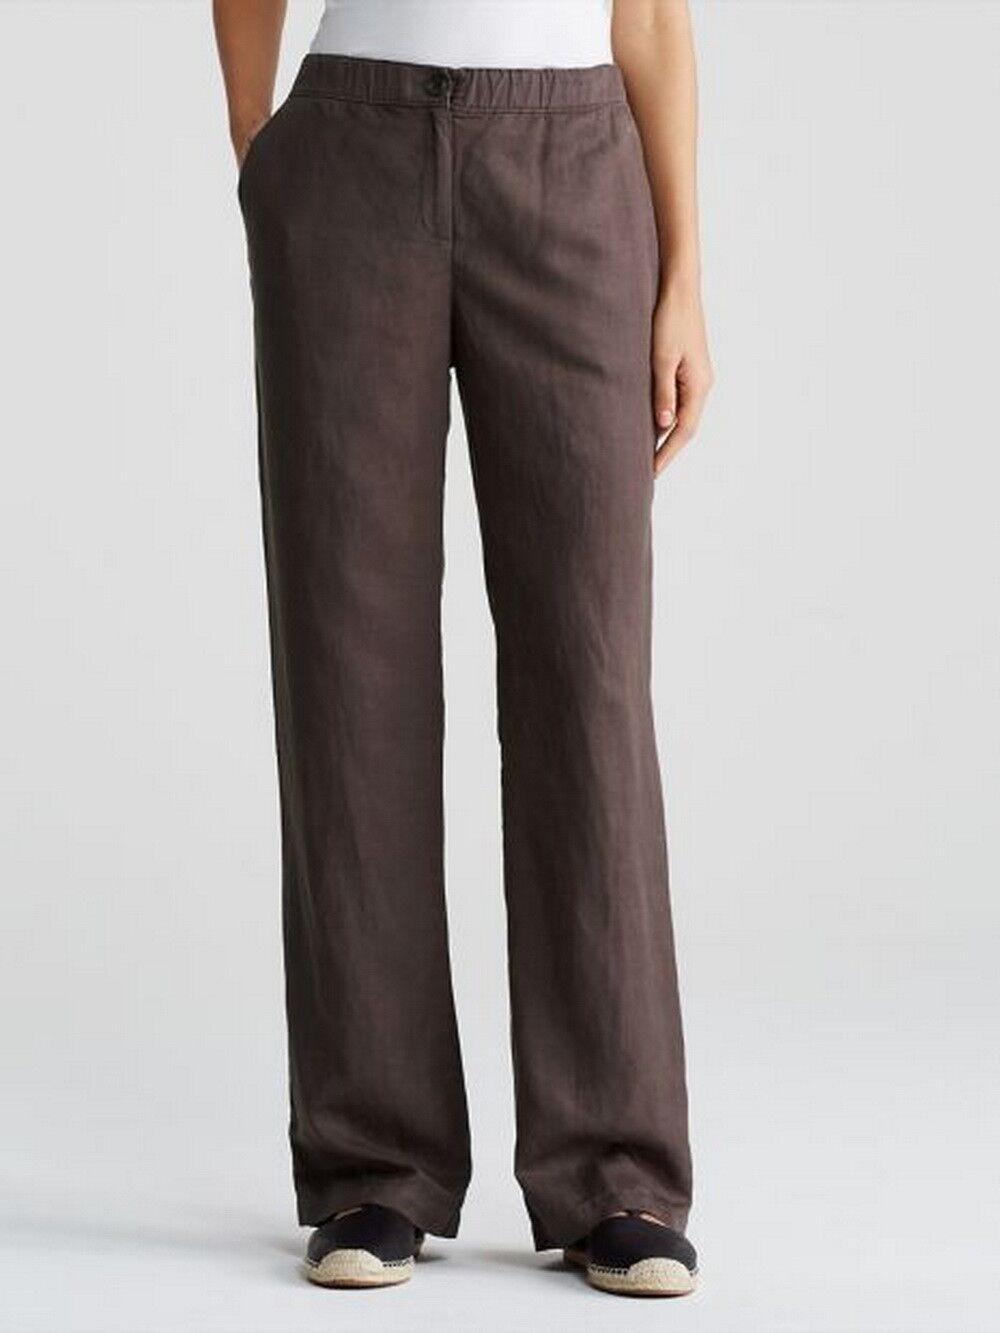 Eileen Fisher Rye Tencel Linen Straight Pant Size 24W